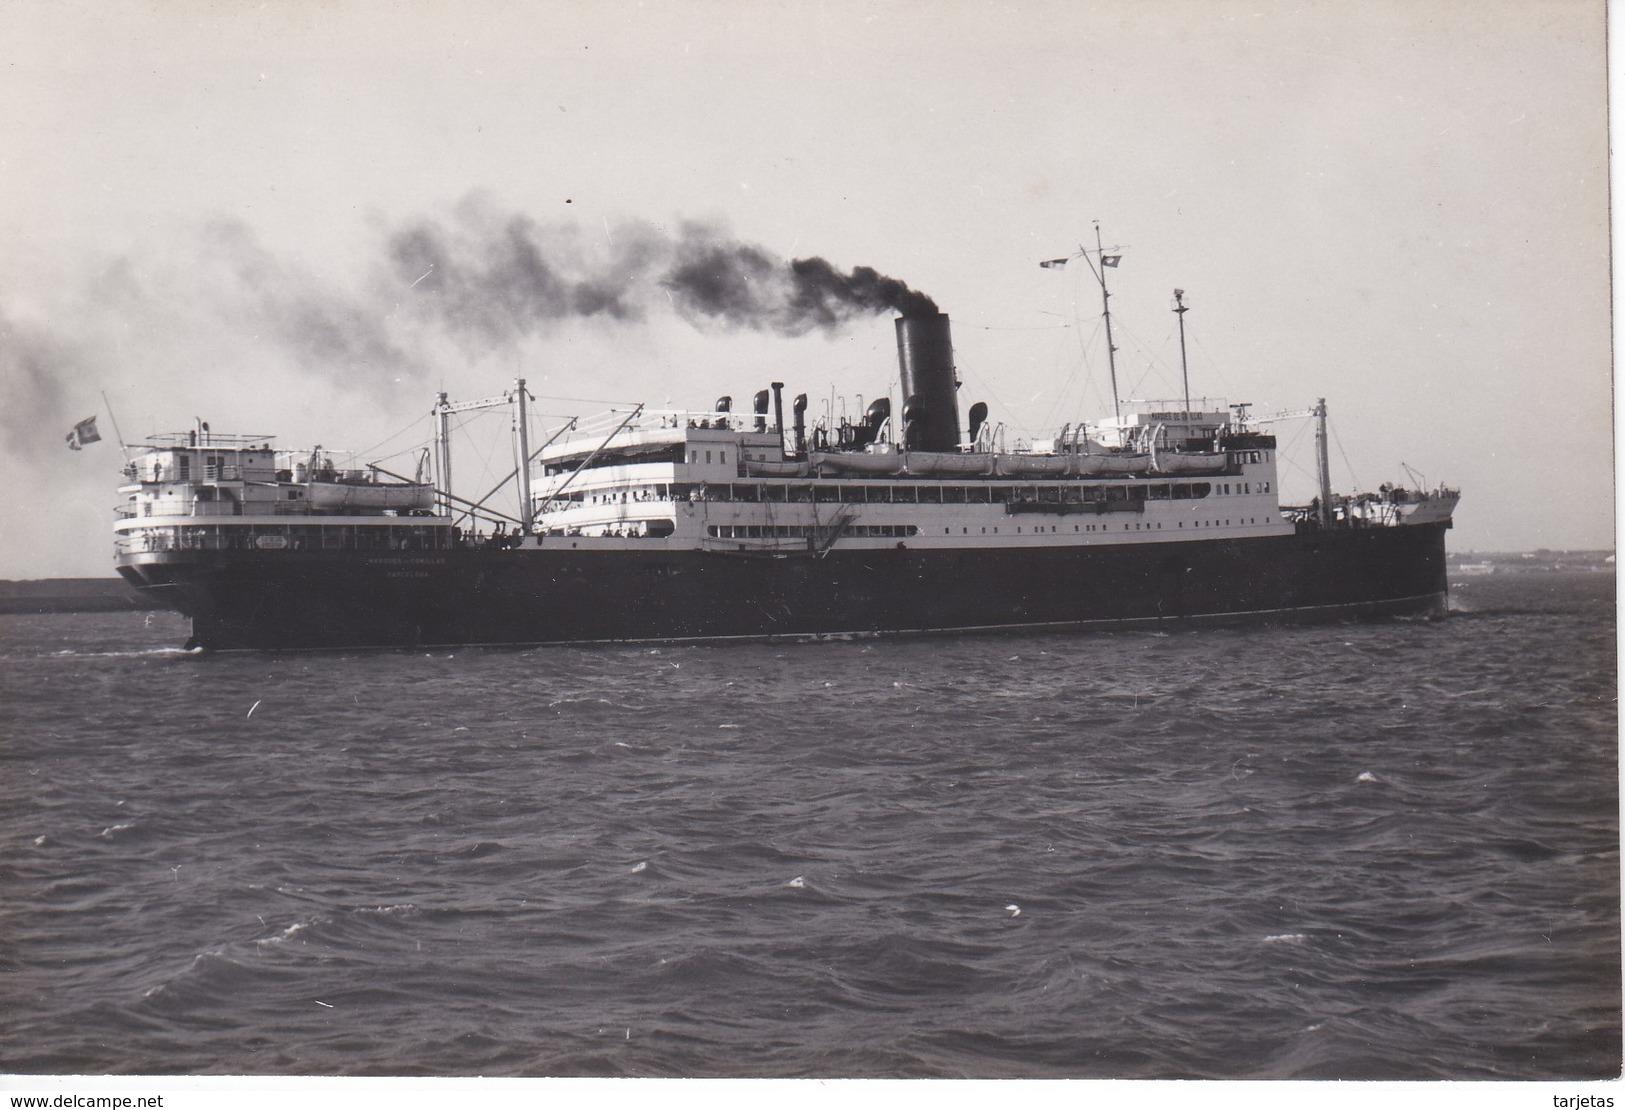 POSTAL DEL BARCO MARQUES DE COMILLAS (BARCO-SHIP) CIA TRASATLANTICA ESPAÑOLA S.A. (M. GALILEA) - Comercio